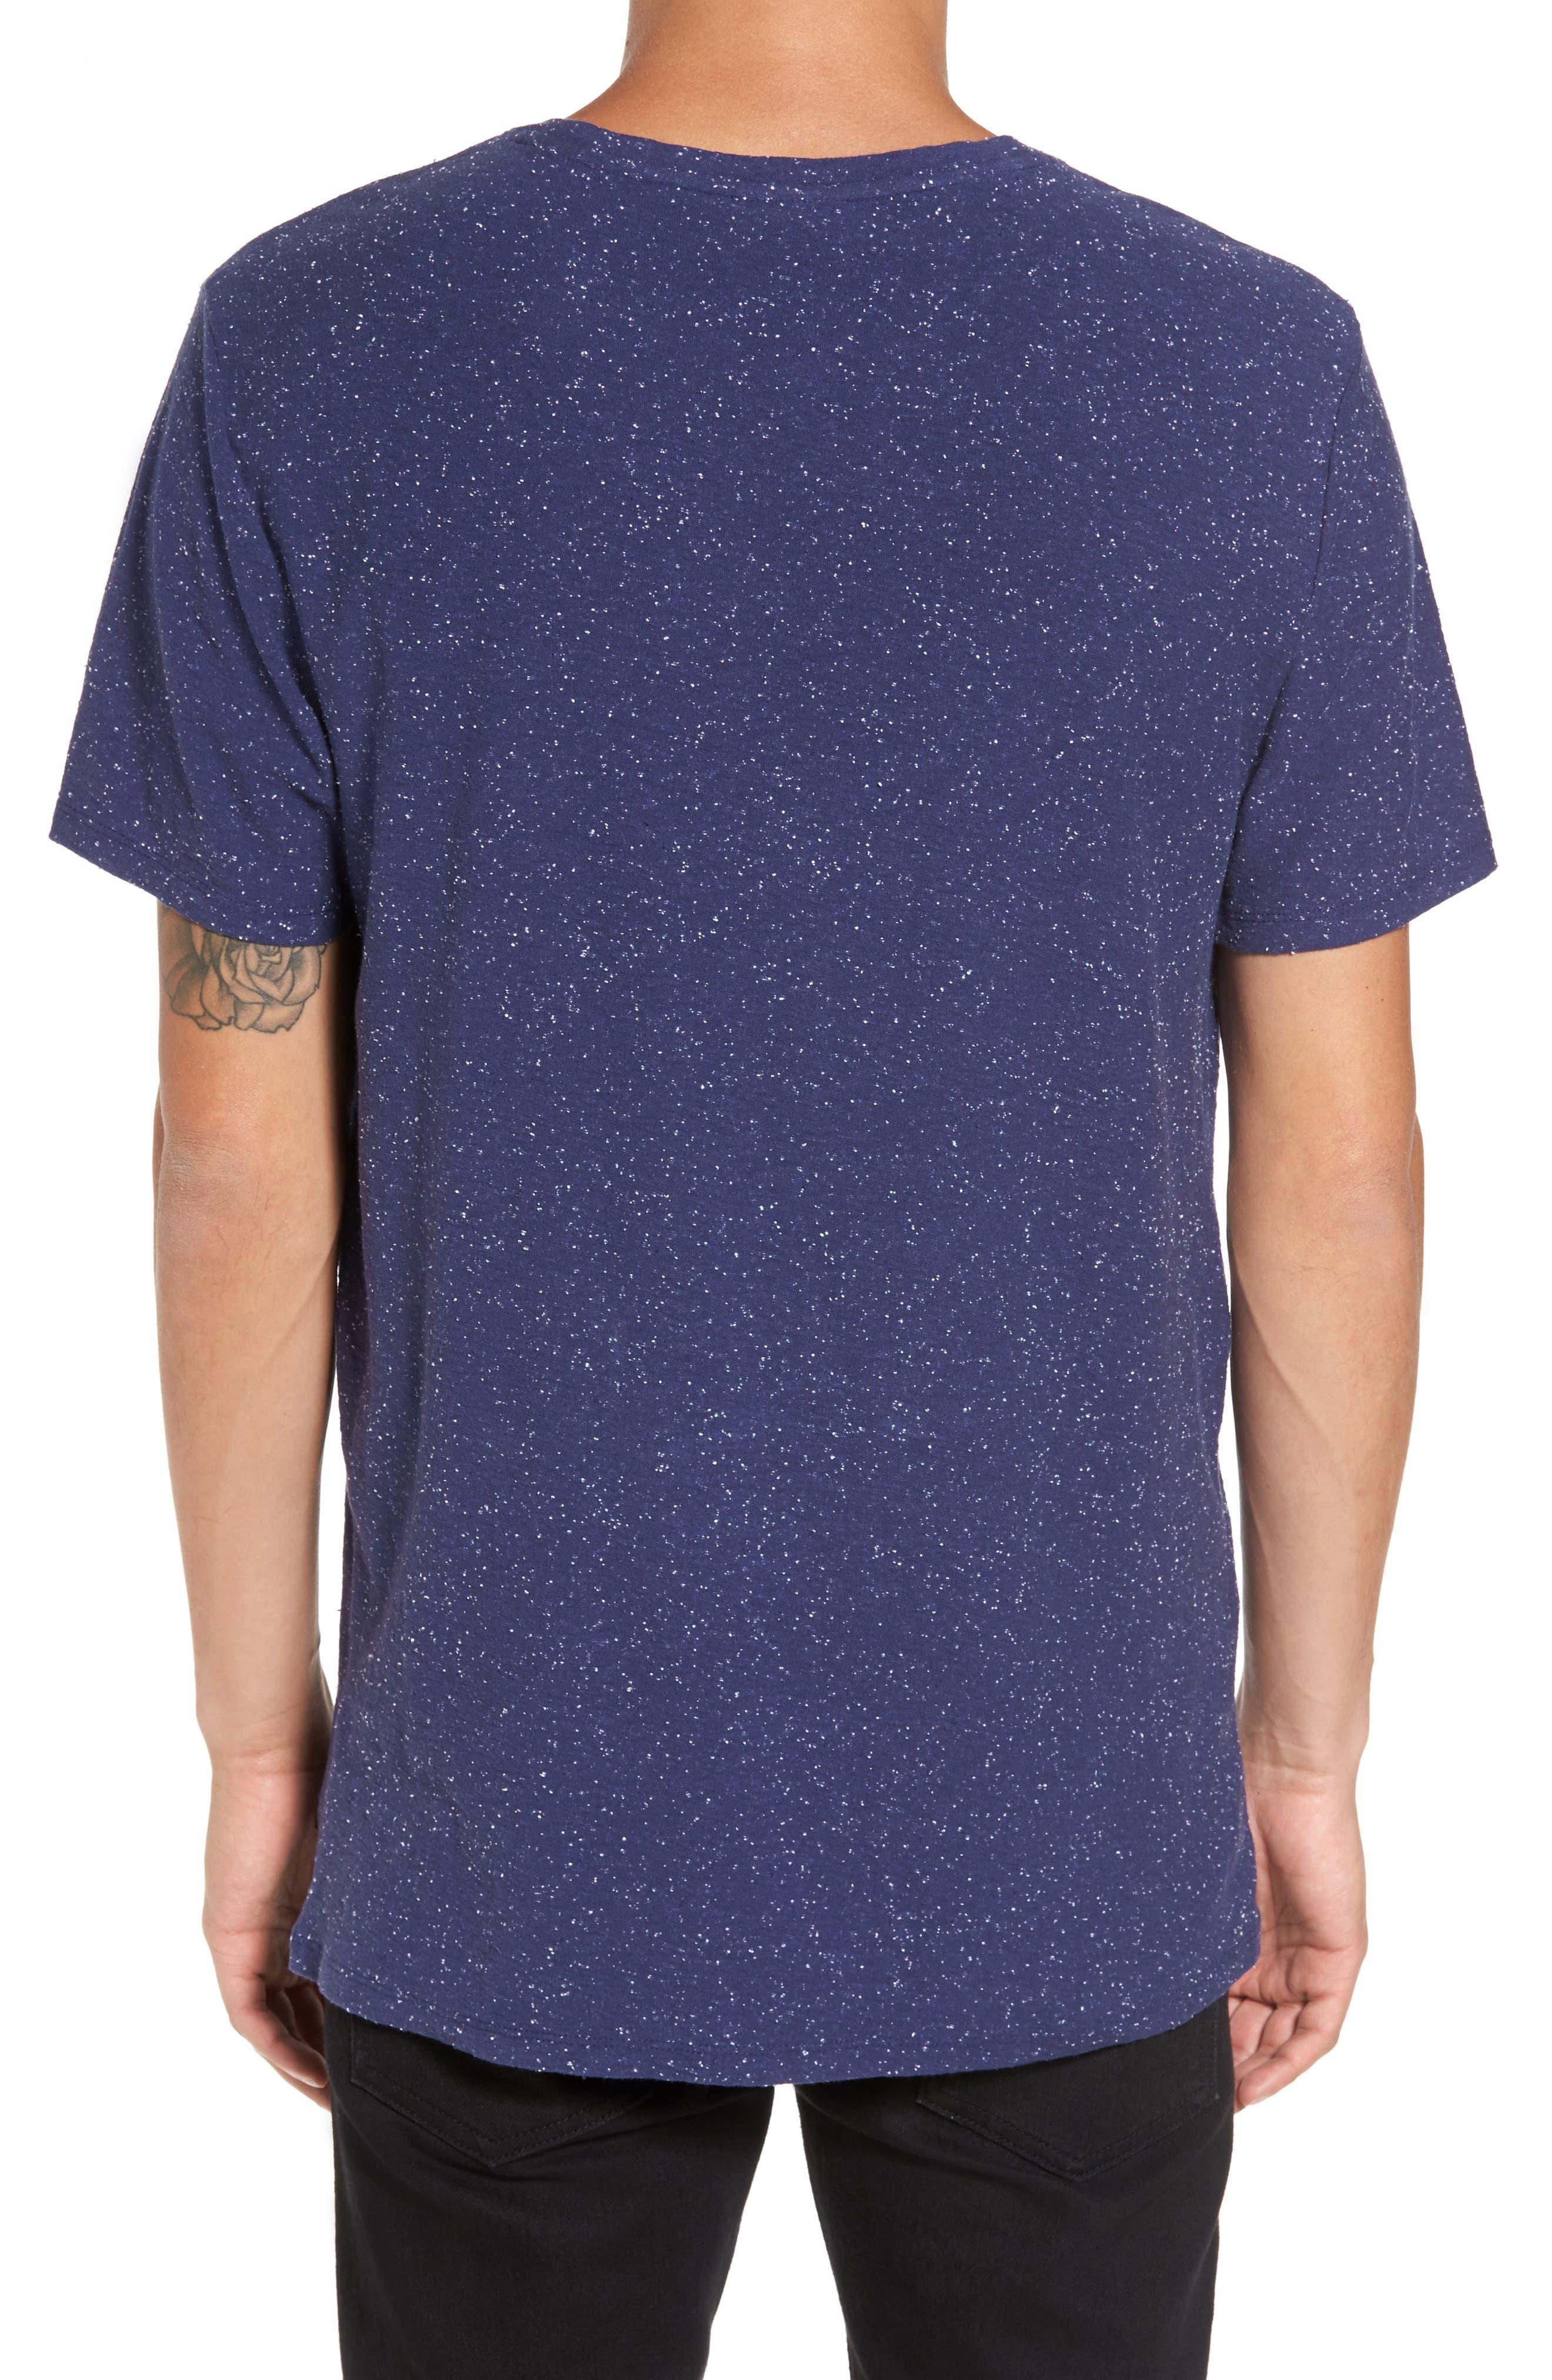 Patrick T-Shirt,                             Alternate thumbnail 6, color,